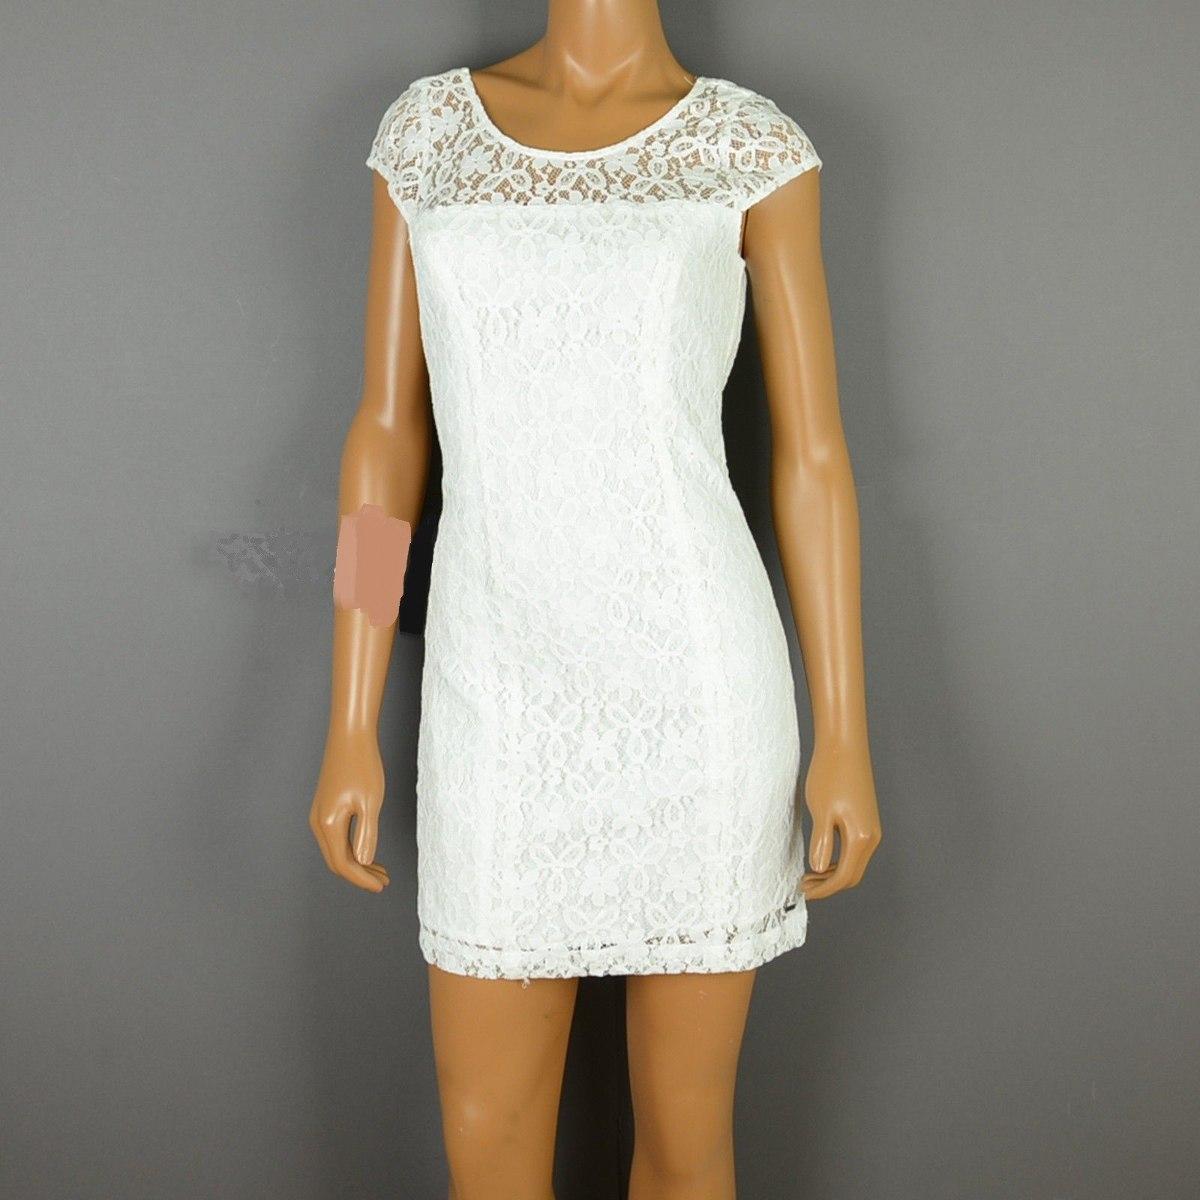 Vestidos femininos hollister